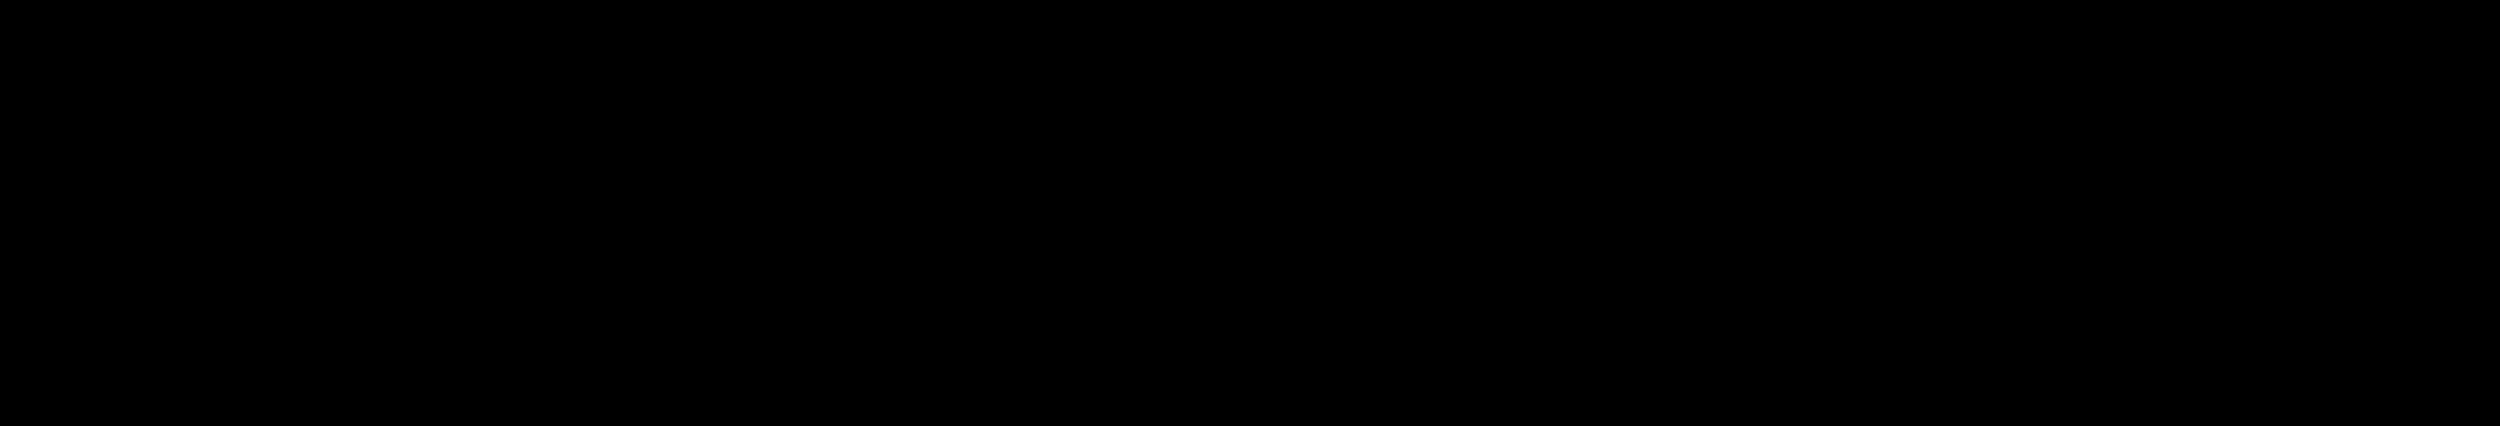 Escada_logo.png